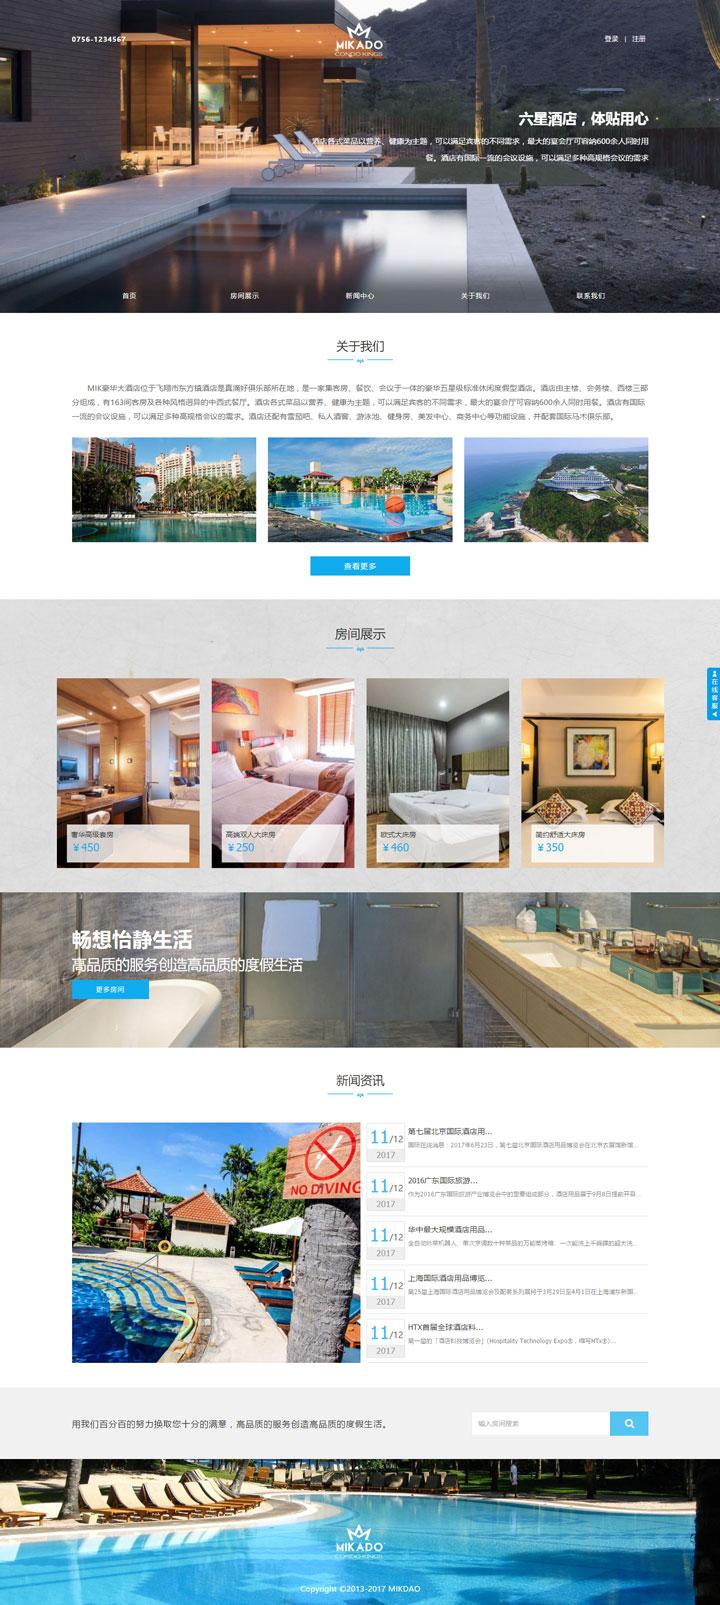 MIKADO酒店展示模板